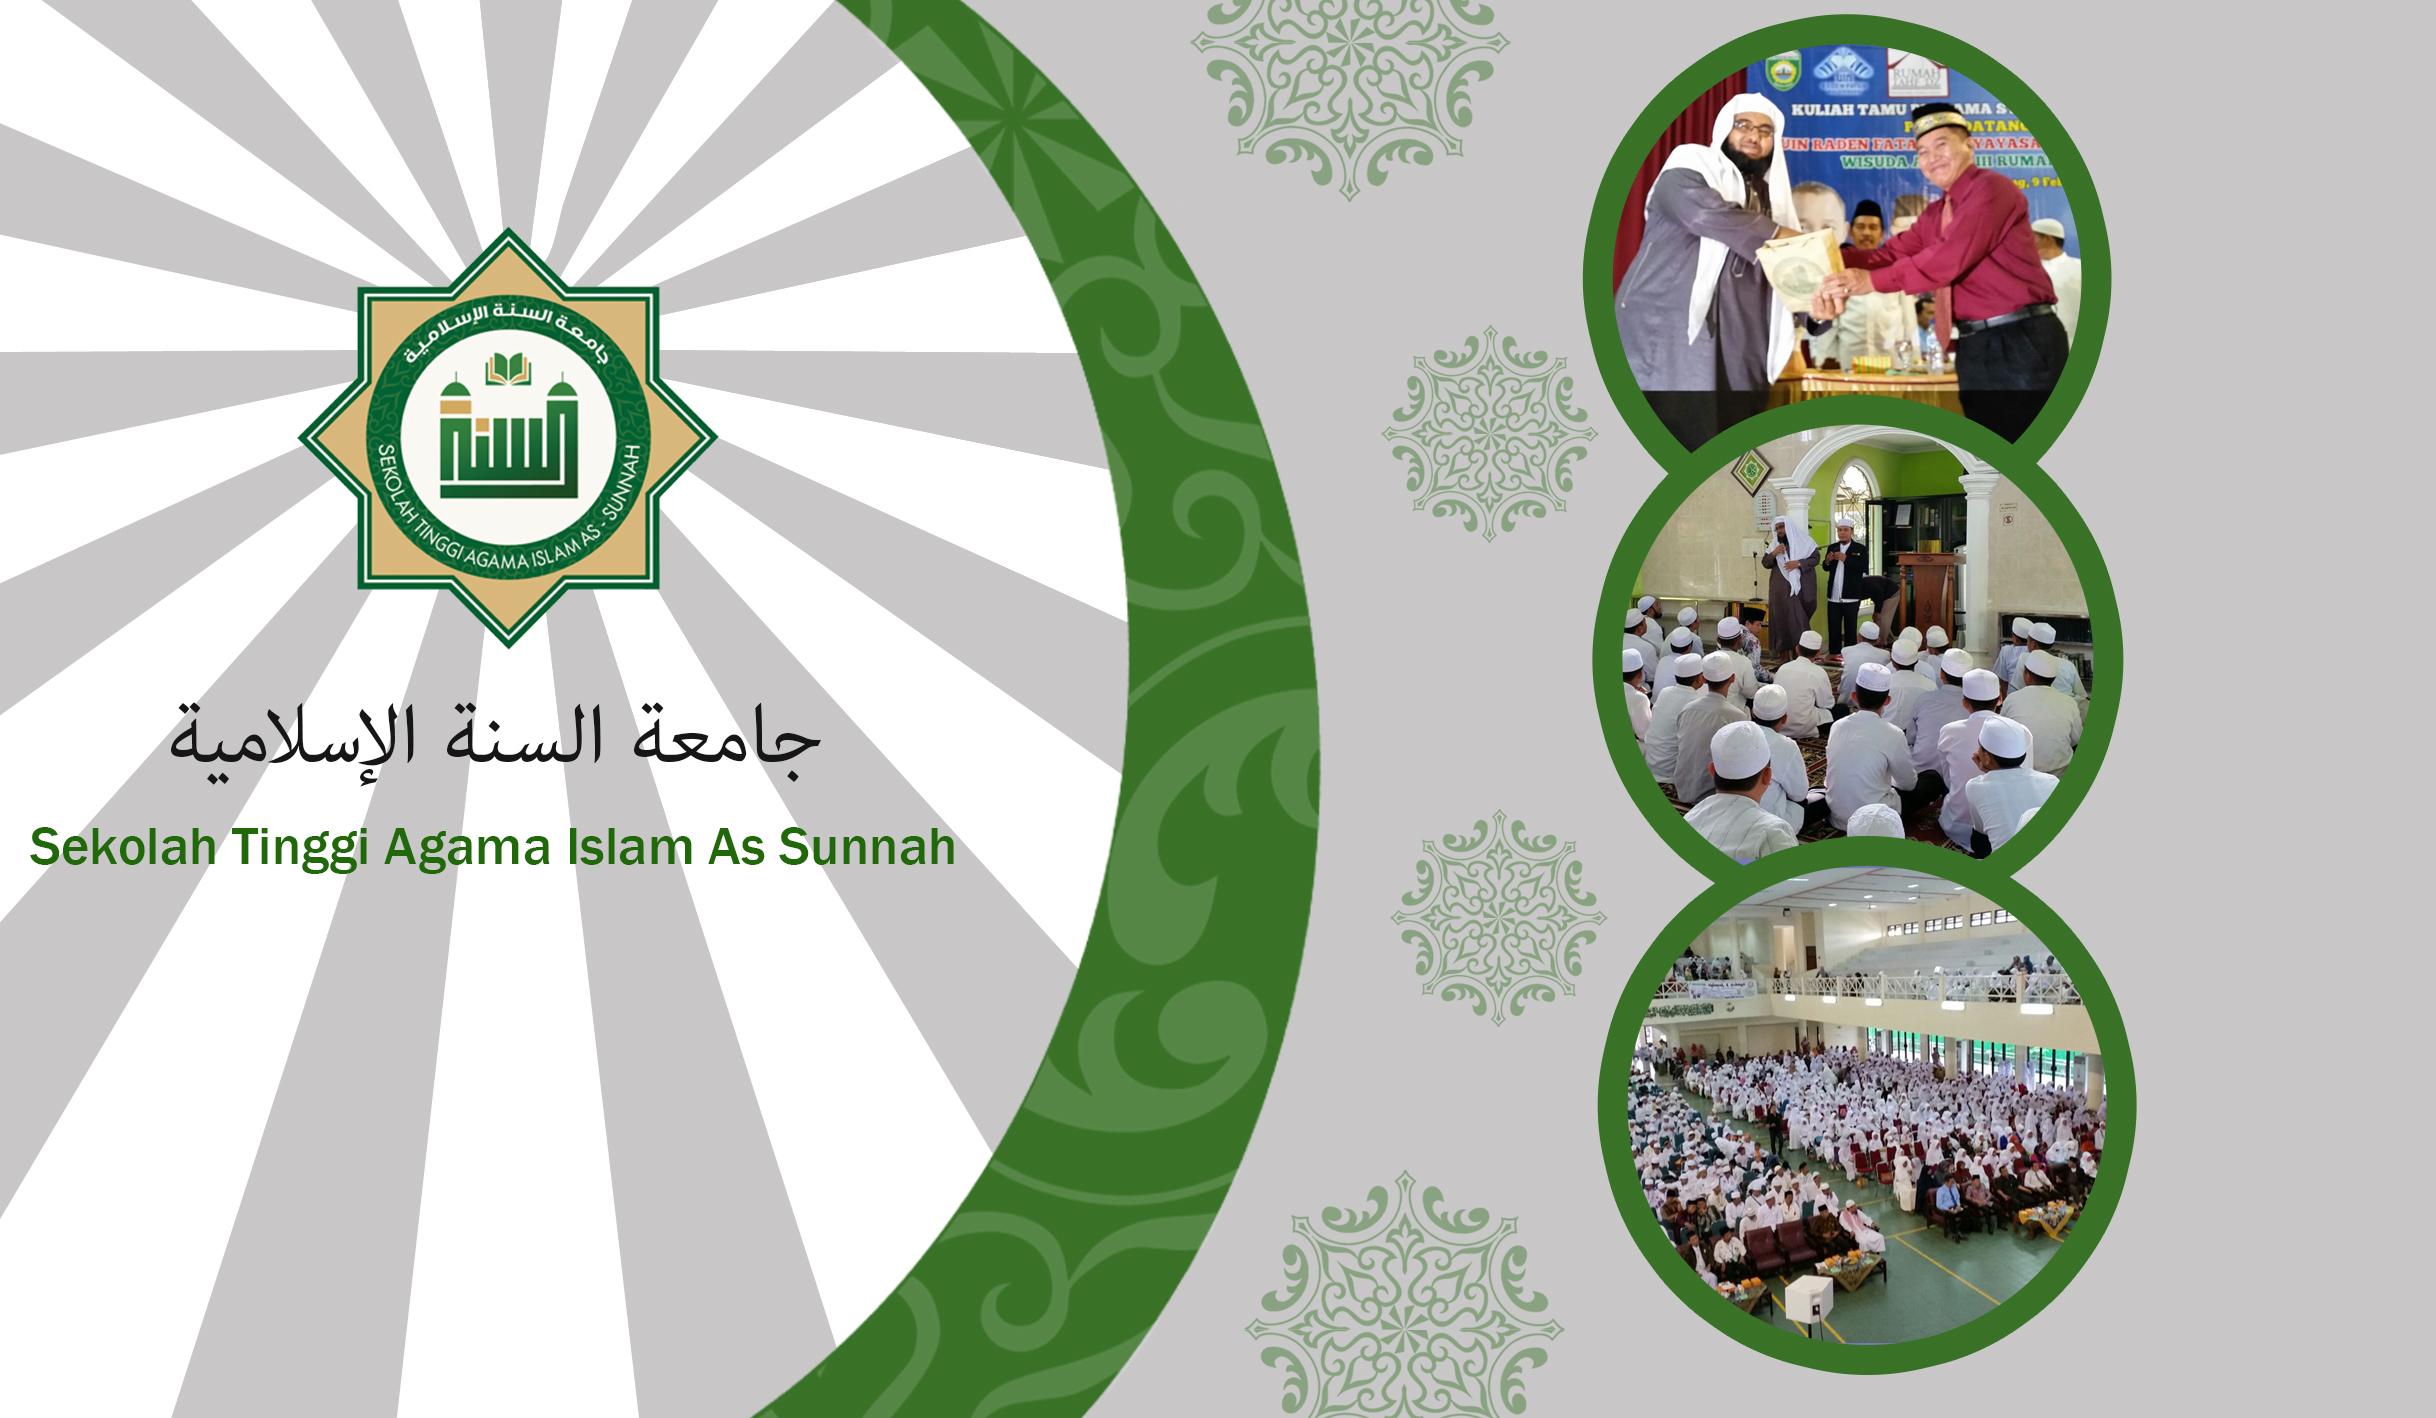 برنامج توزيع ألف مصحف في سومطرة الجنوبية و دورة في الشباب مع القرآن و حفل تكريم الحفاظ